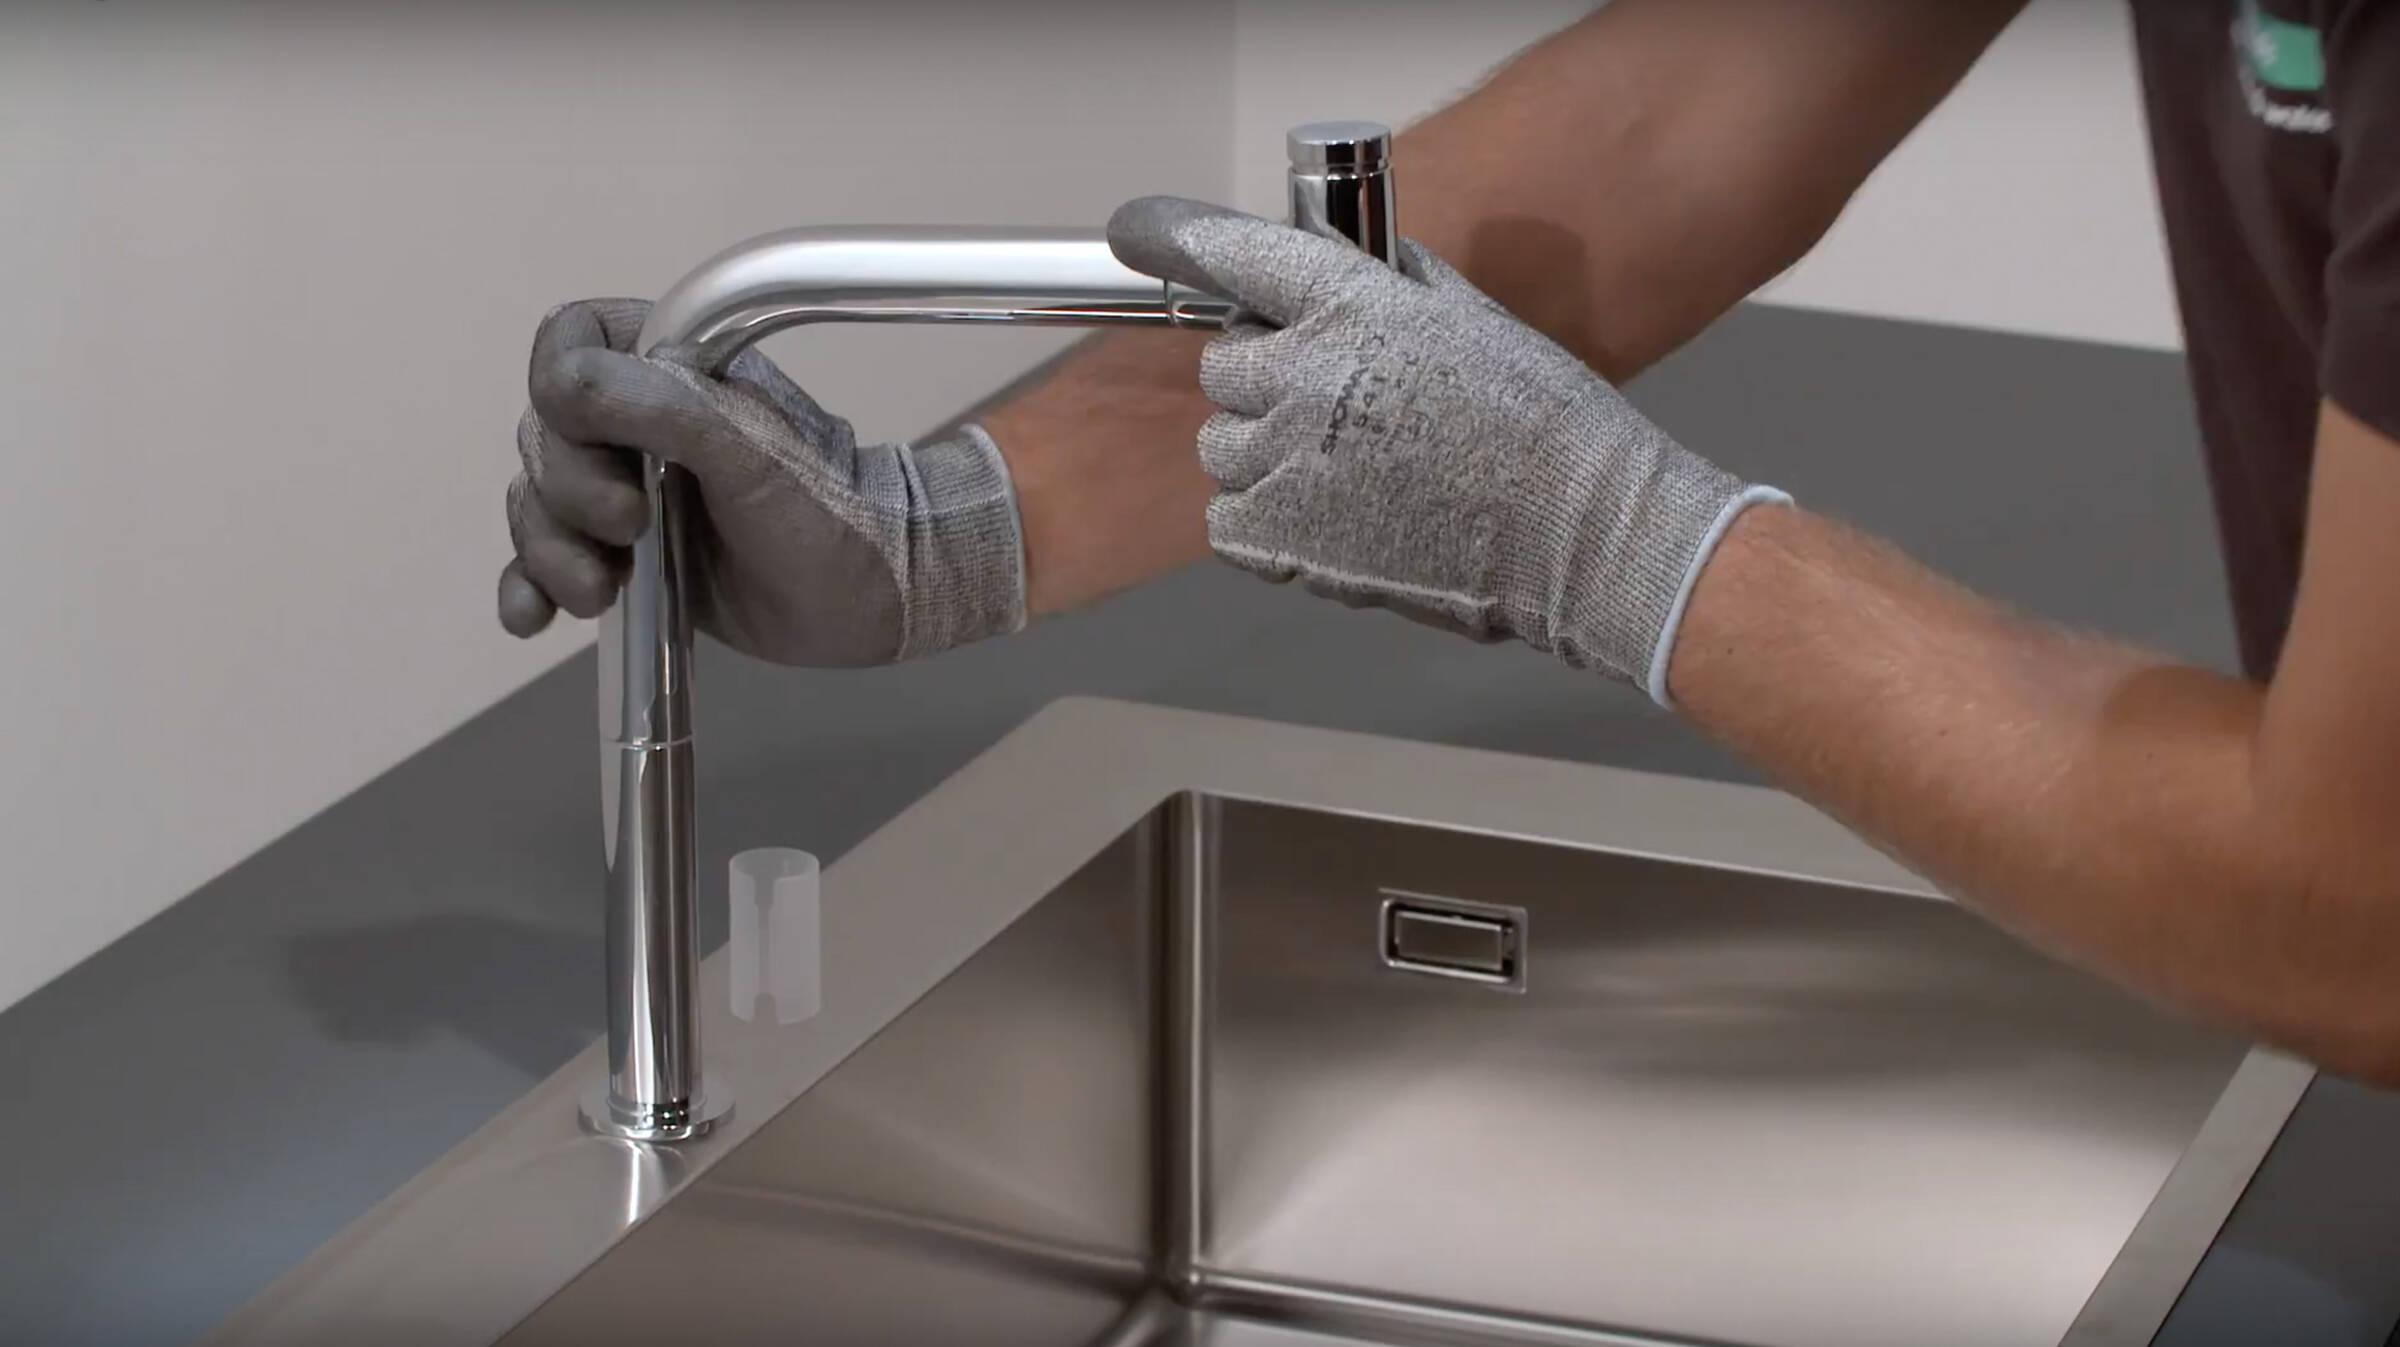 Ratgeber: Küchenspüle und Armatur einfach montieren  hansgrohe DE